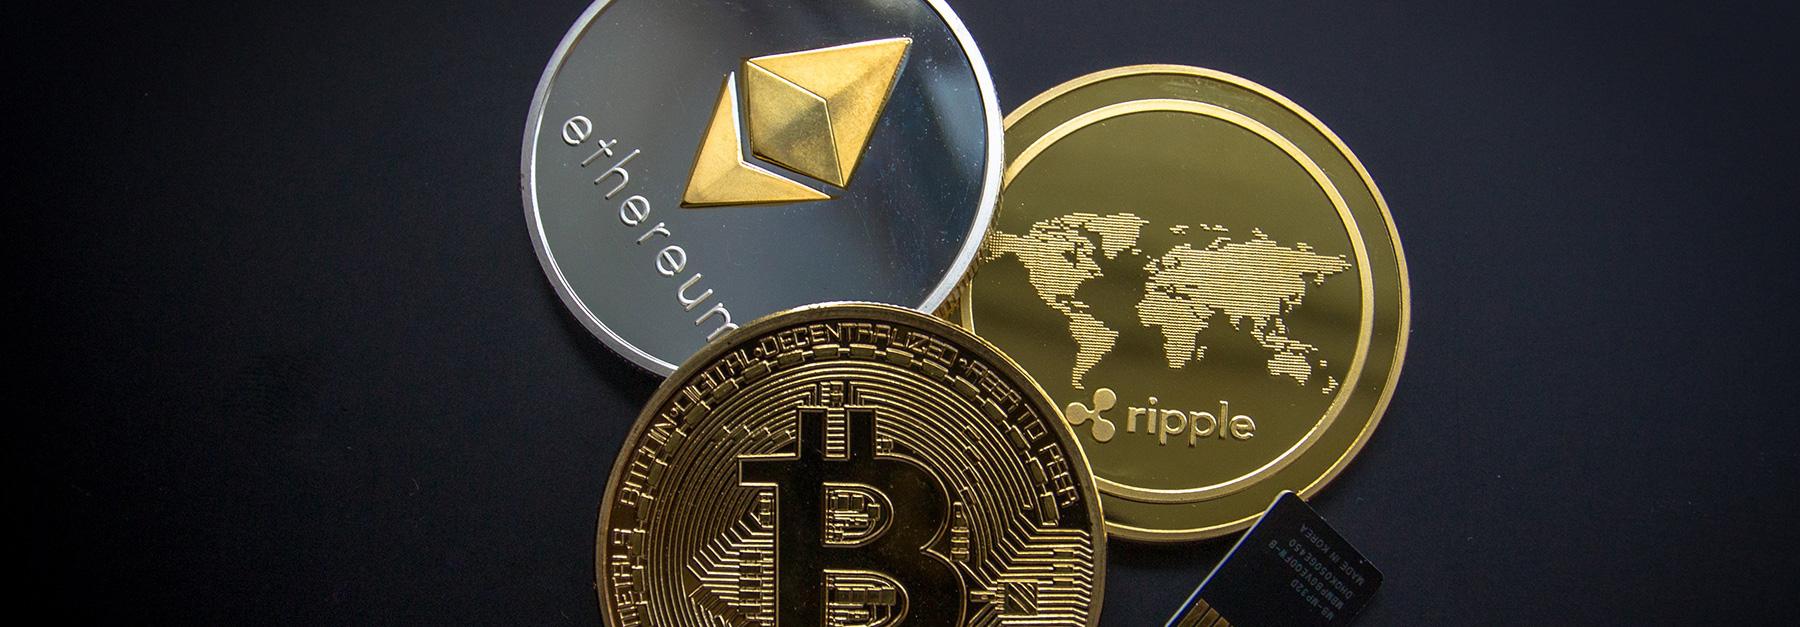 blockchain certifier mobilethinking